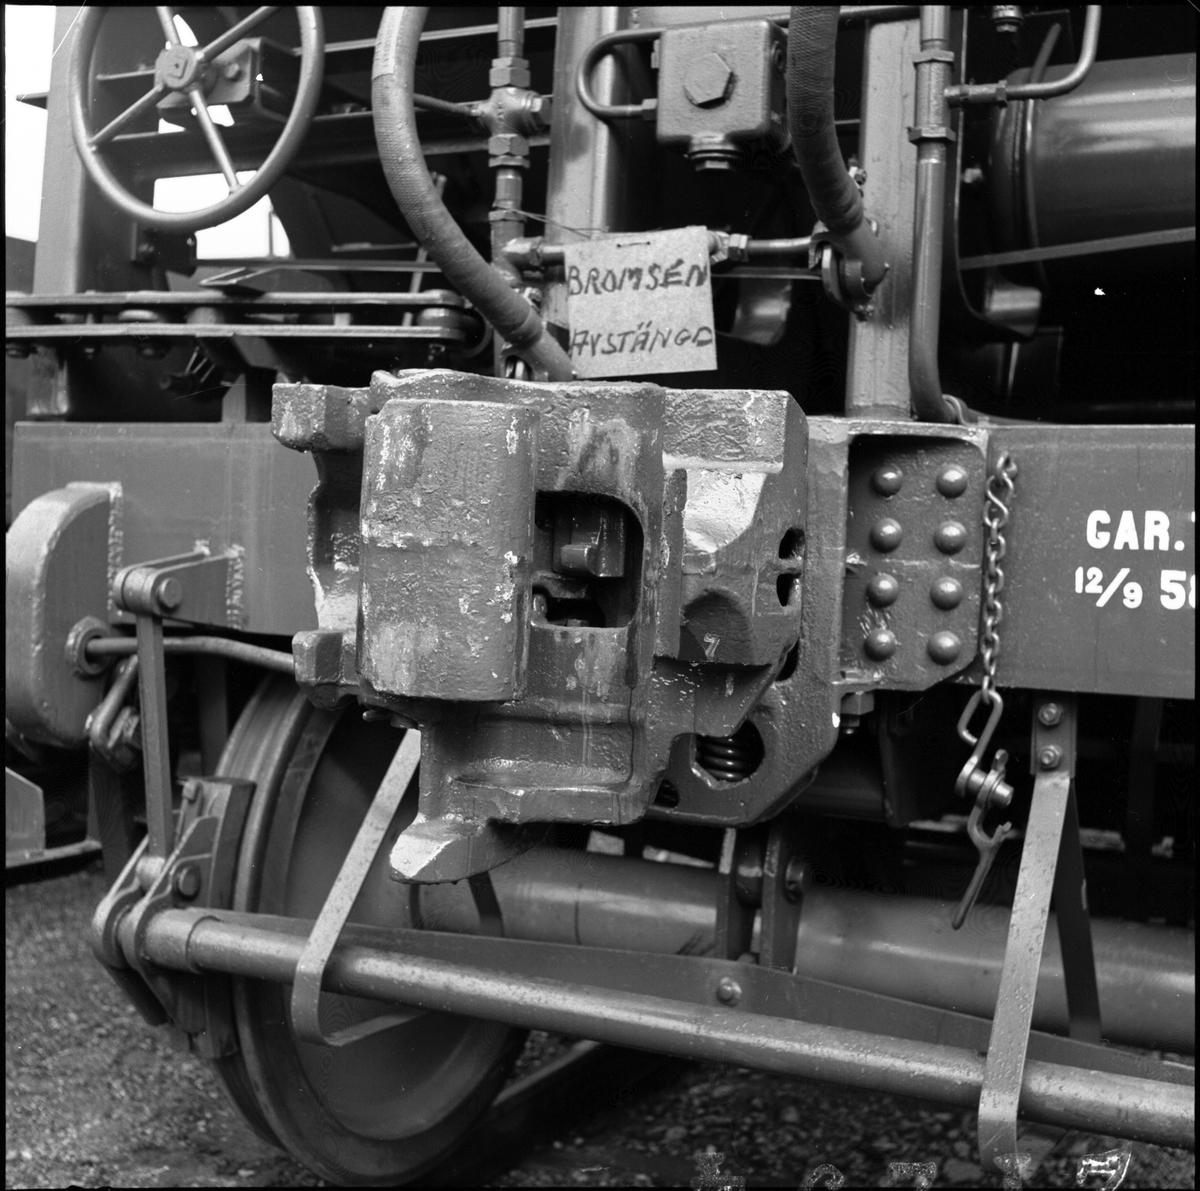 Centralkoppel på Malmvagn SJ Mar 106740. Text : Bromsen avstängd. Provvagn